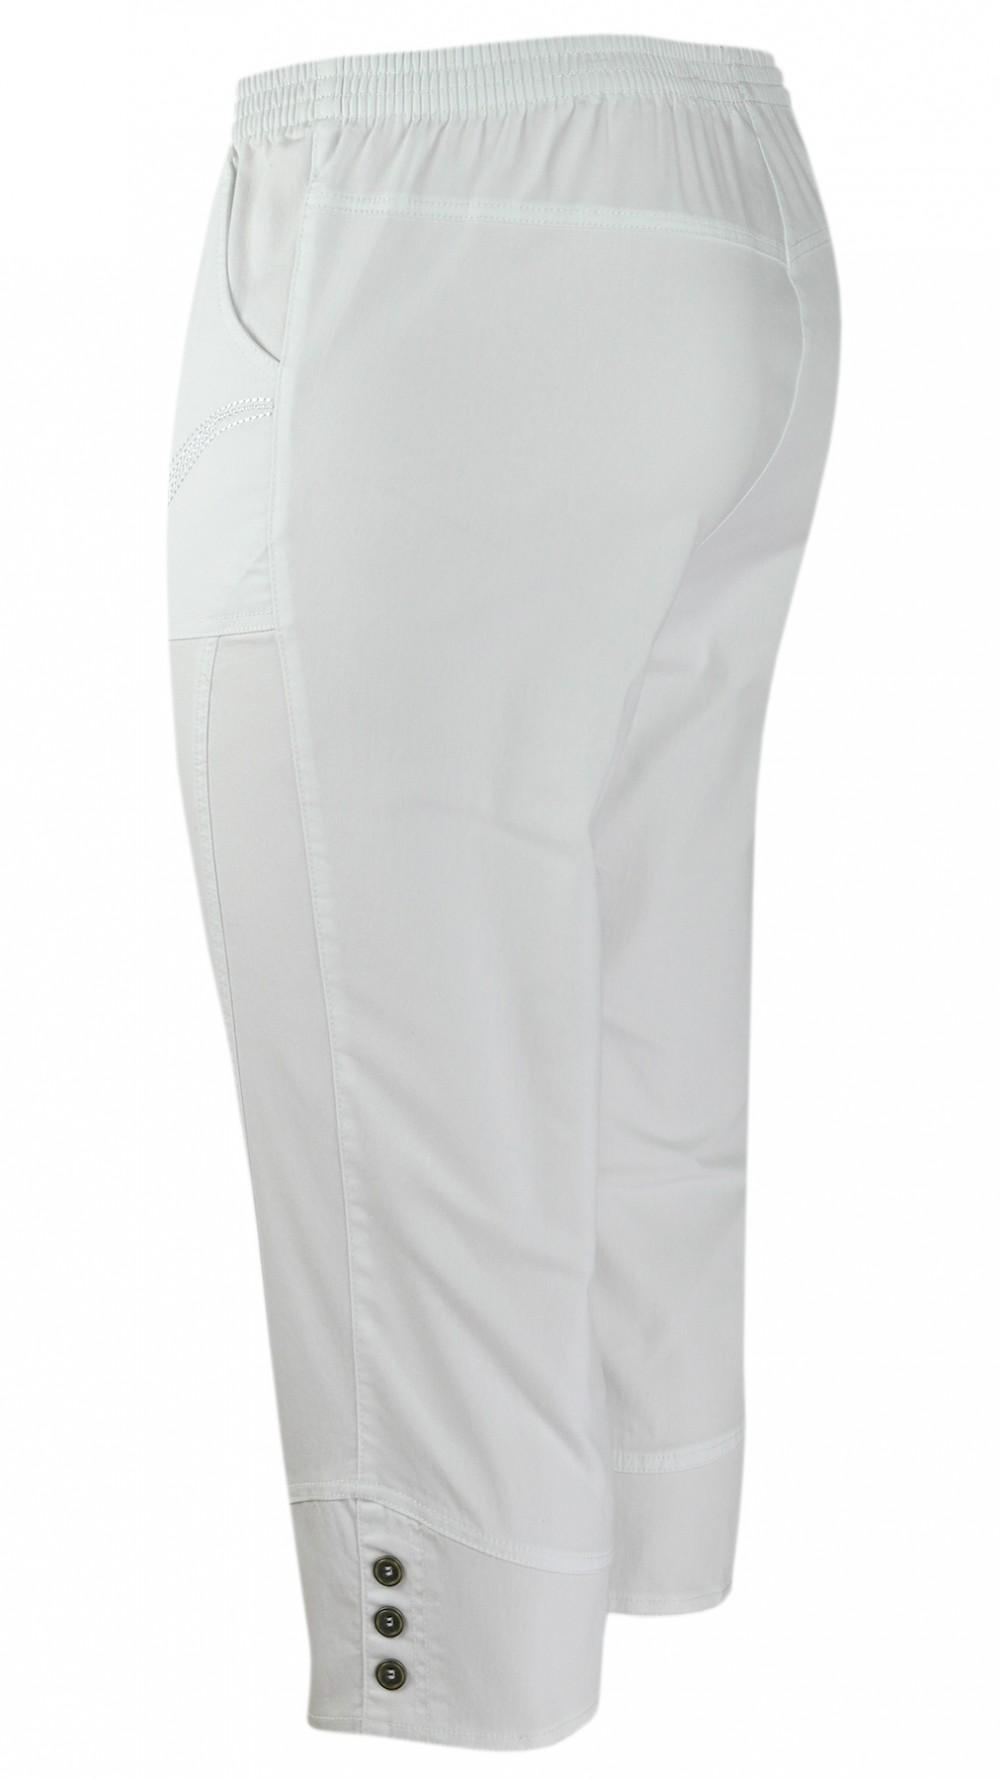 Damen Capri Stretch-Jeans Caprihose Schlupfhose - Weiss